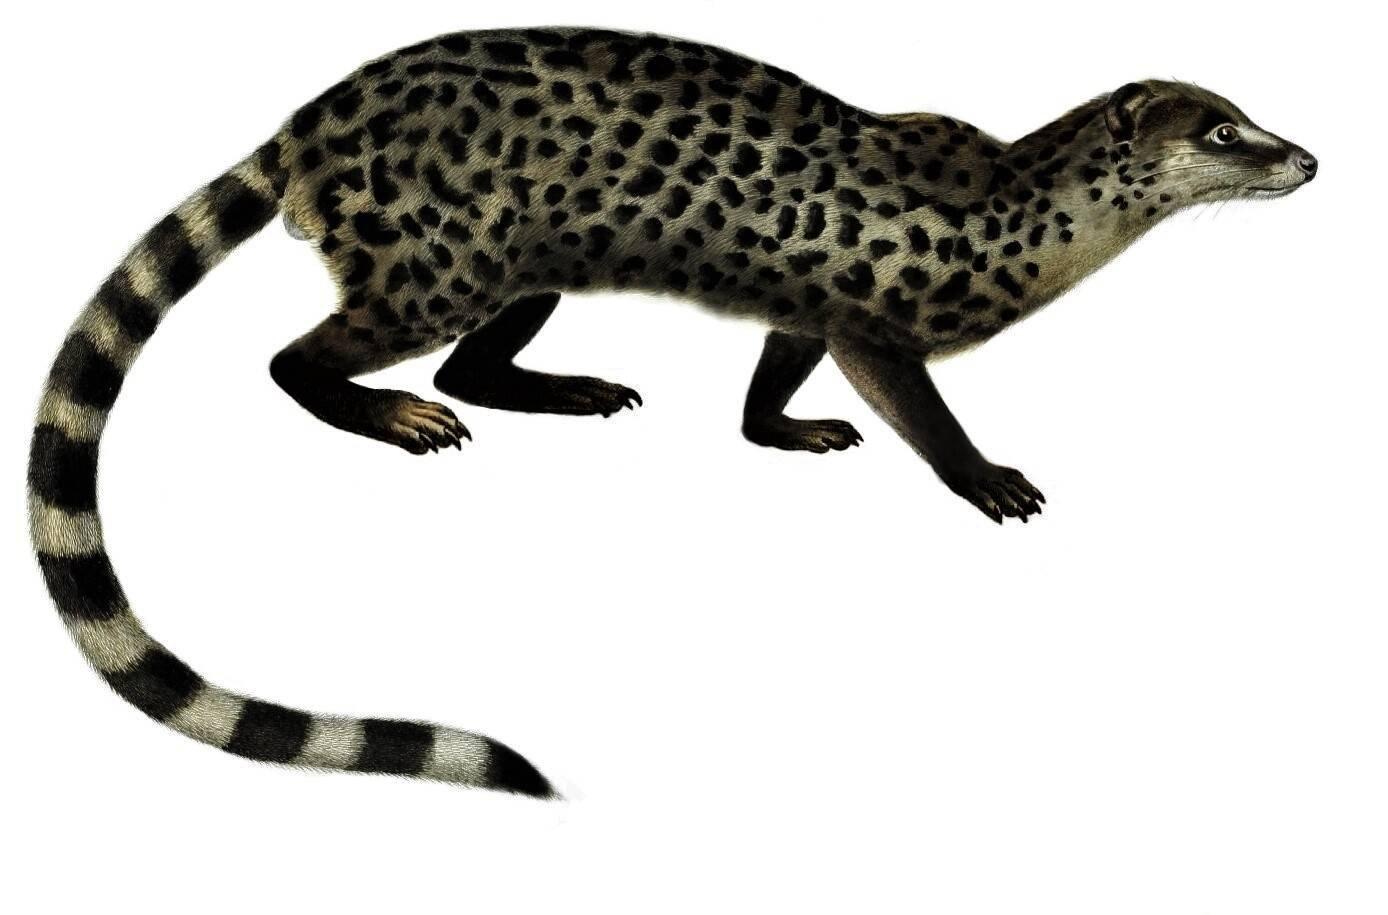 Miacis - Foto Wikimedia Commons